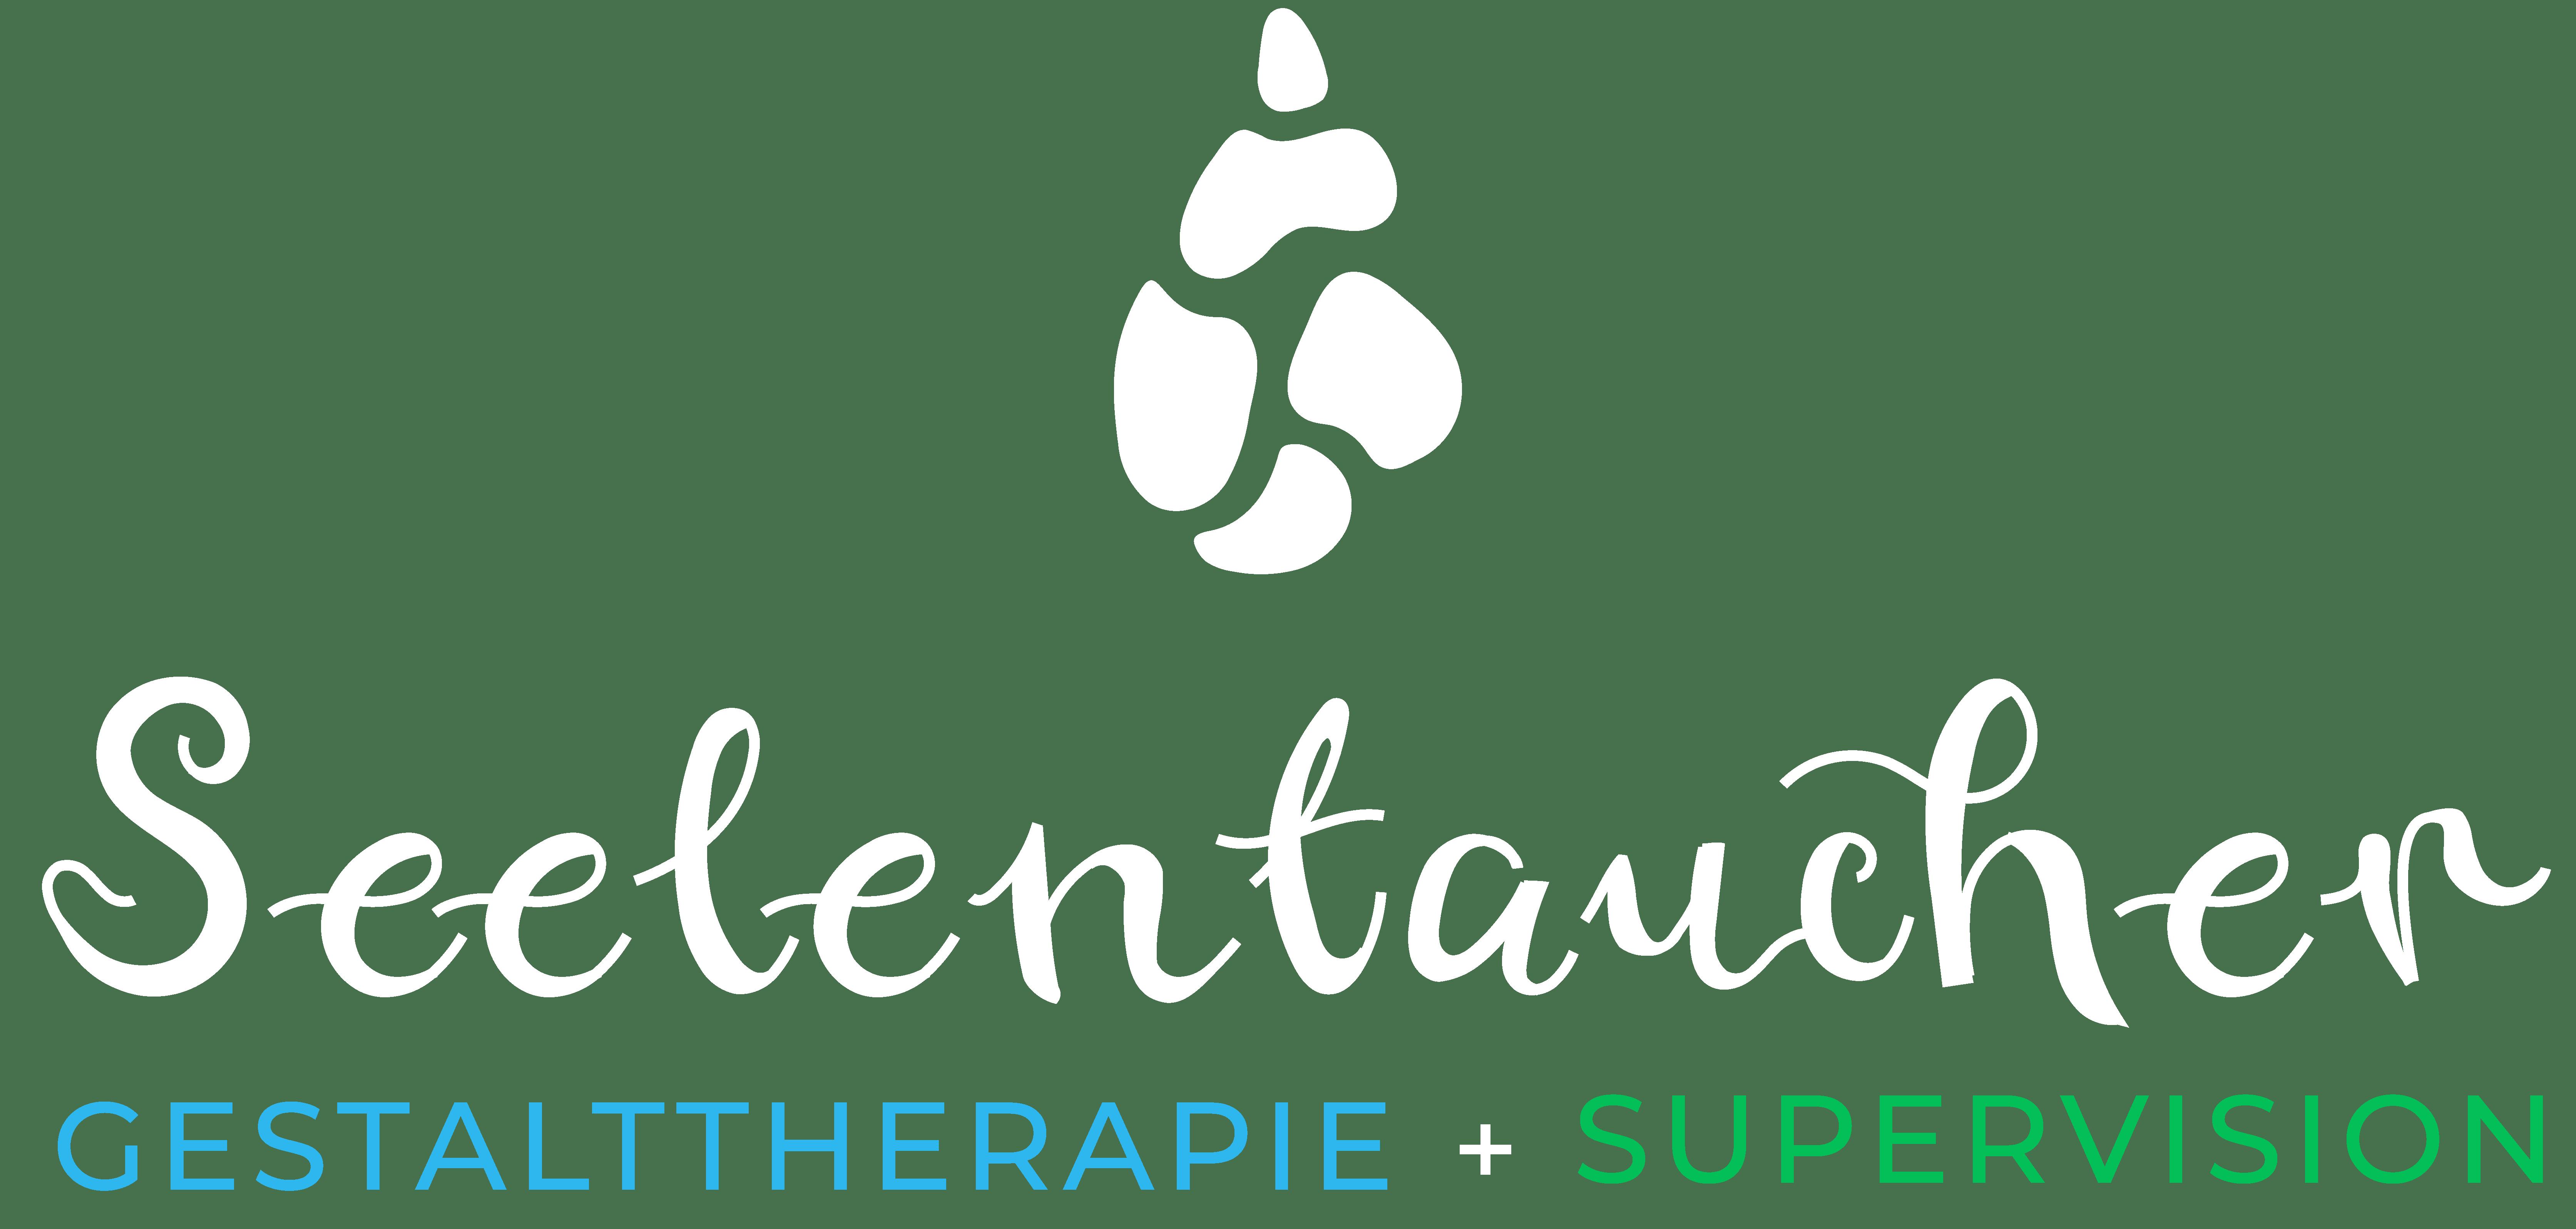 Seelentaucher Gestalttherapie & Supervision Logo Mobile